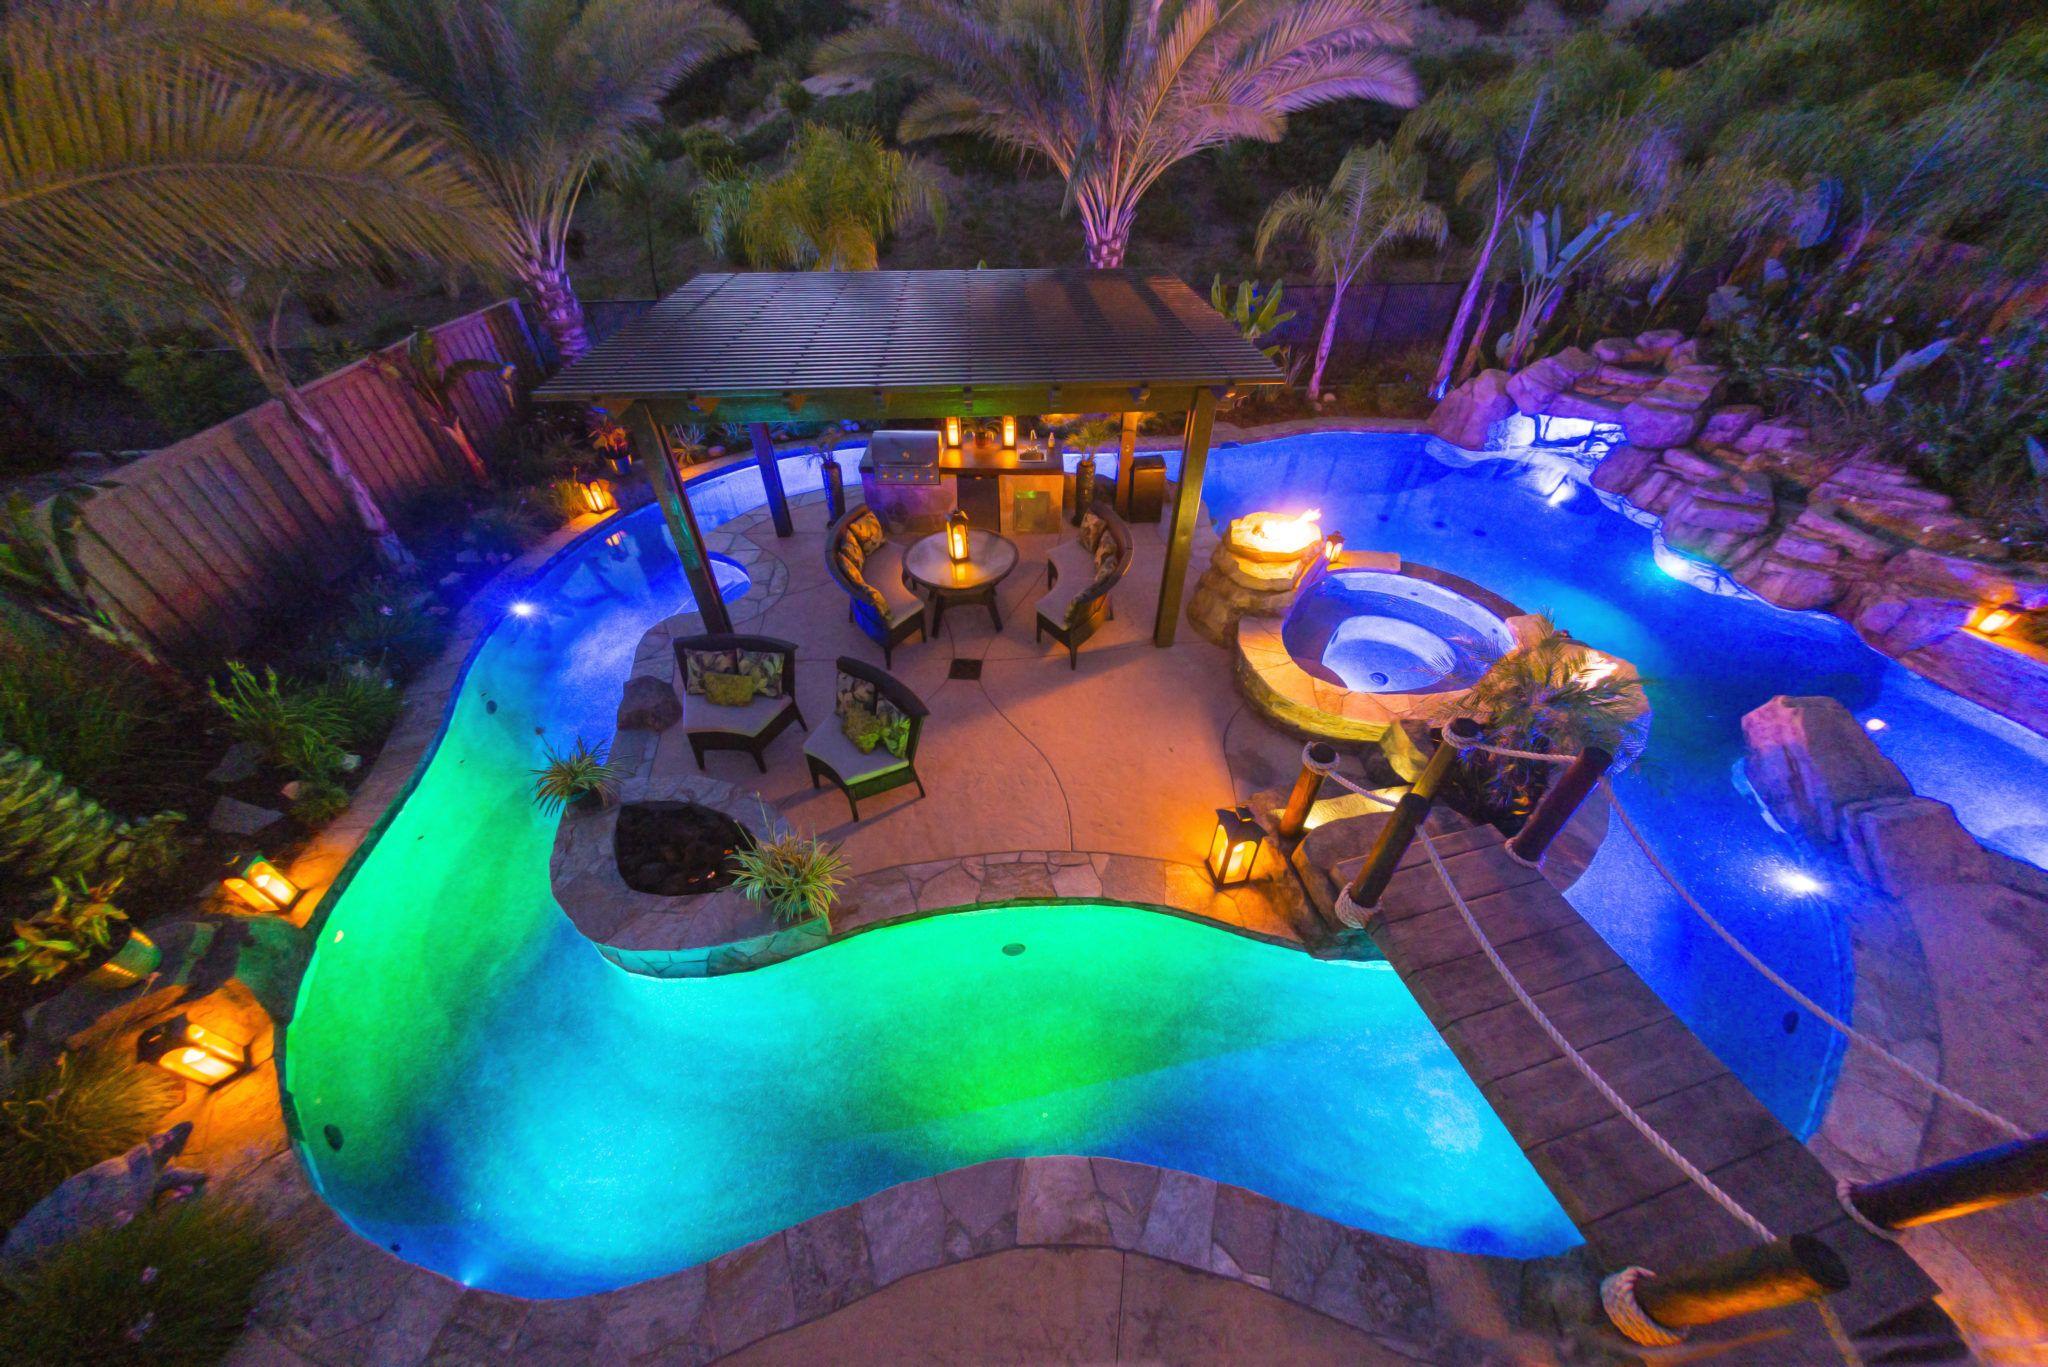 Las Vegas Pool Builders Premier Pools And Spas Nevada Custom Pools Pool Builders Spa Pool